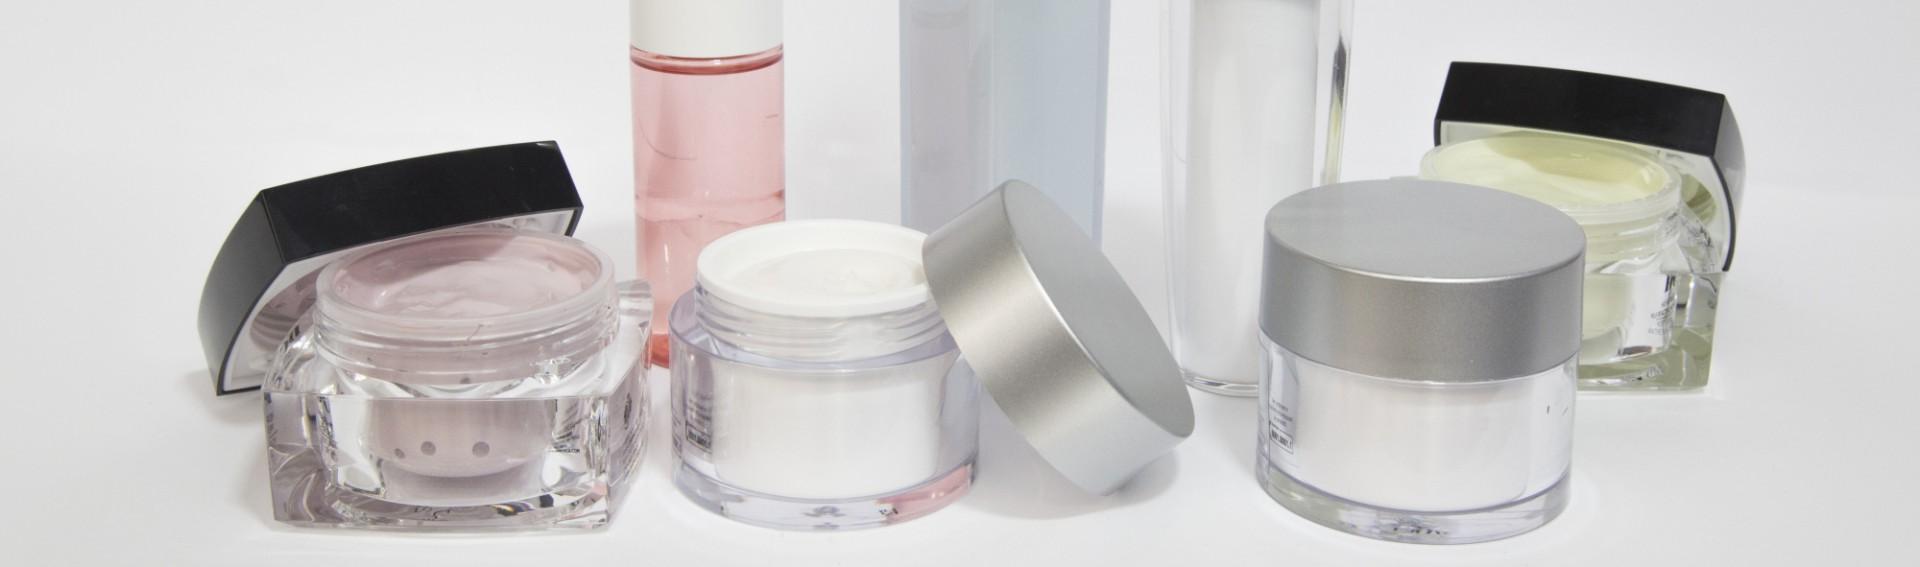 Sinerga sviluppa e produce una vasta gamma di prodotti dermocosmetici: